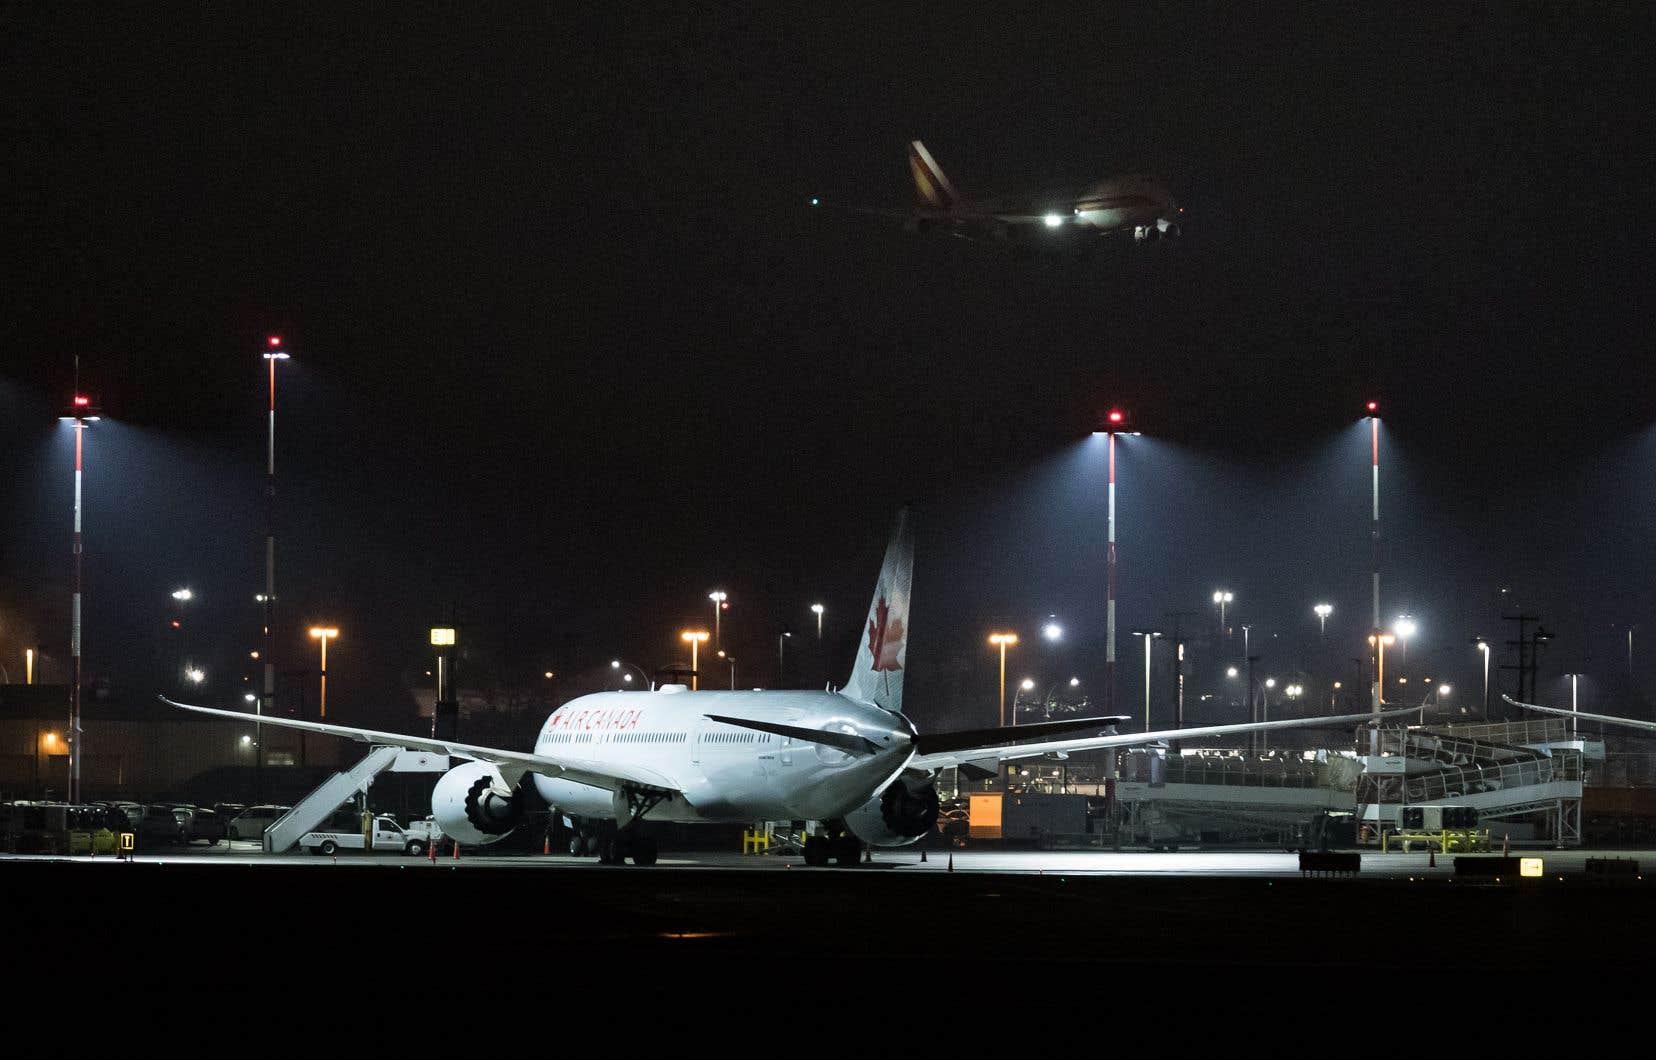 L'avion s'arrêtera à Vancouver pour faire le plein de carburant, avant de continuer son trajet jusqu'à la base militaire de Trenton, en Ontario.